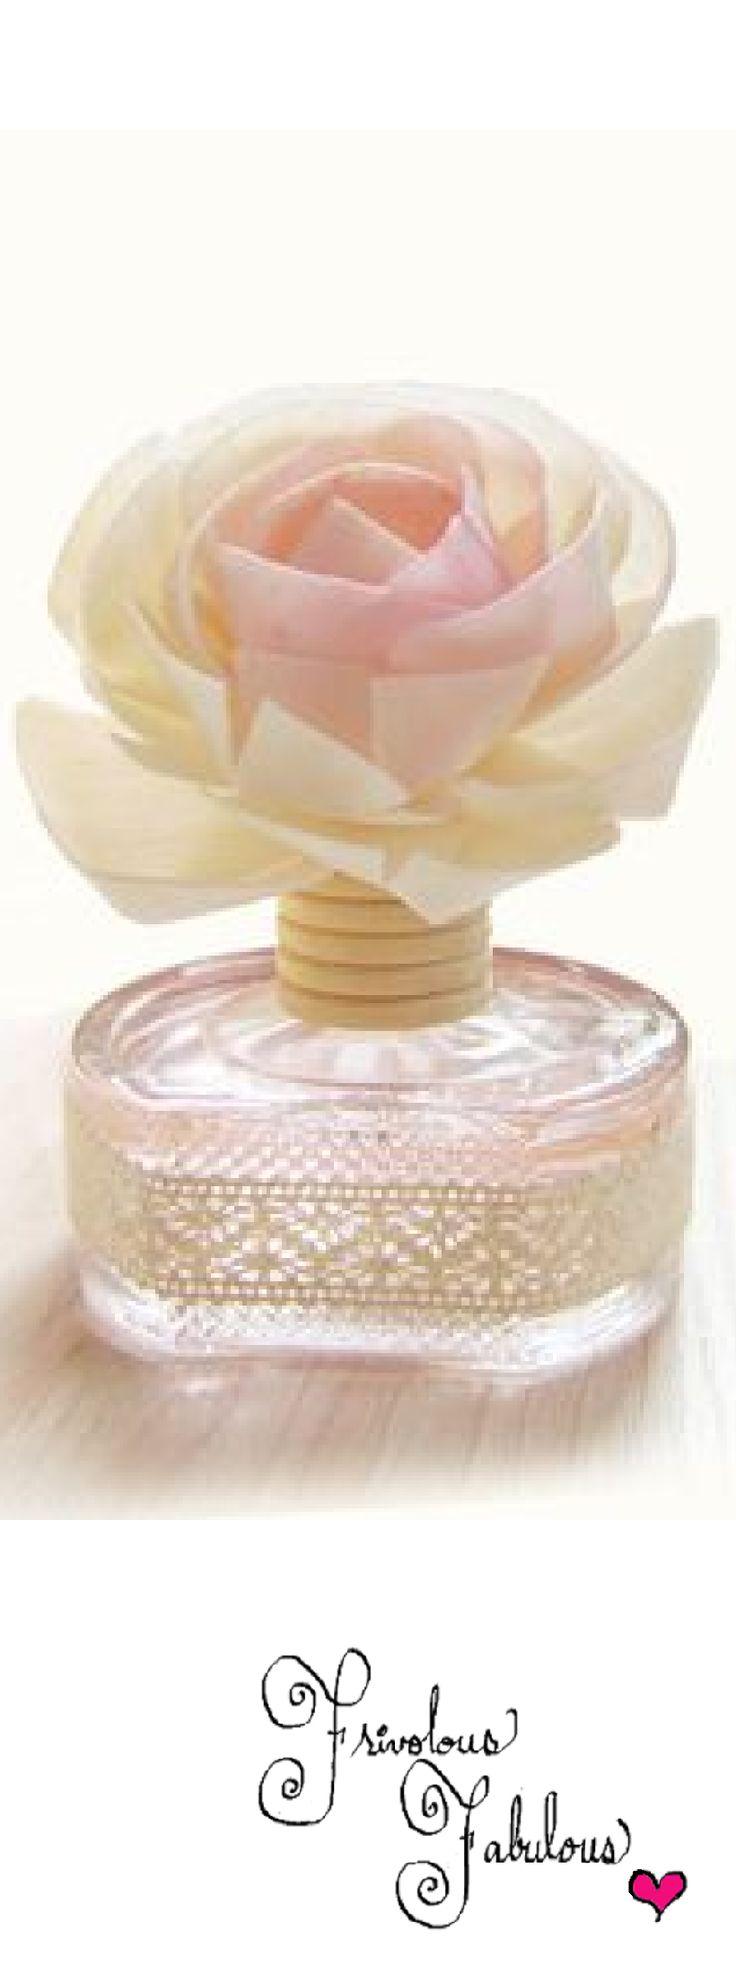 Frivolous Fabulous - Beautiful Rose Perfume Bottle